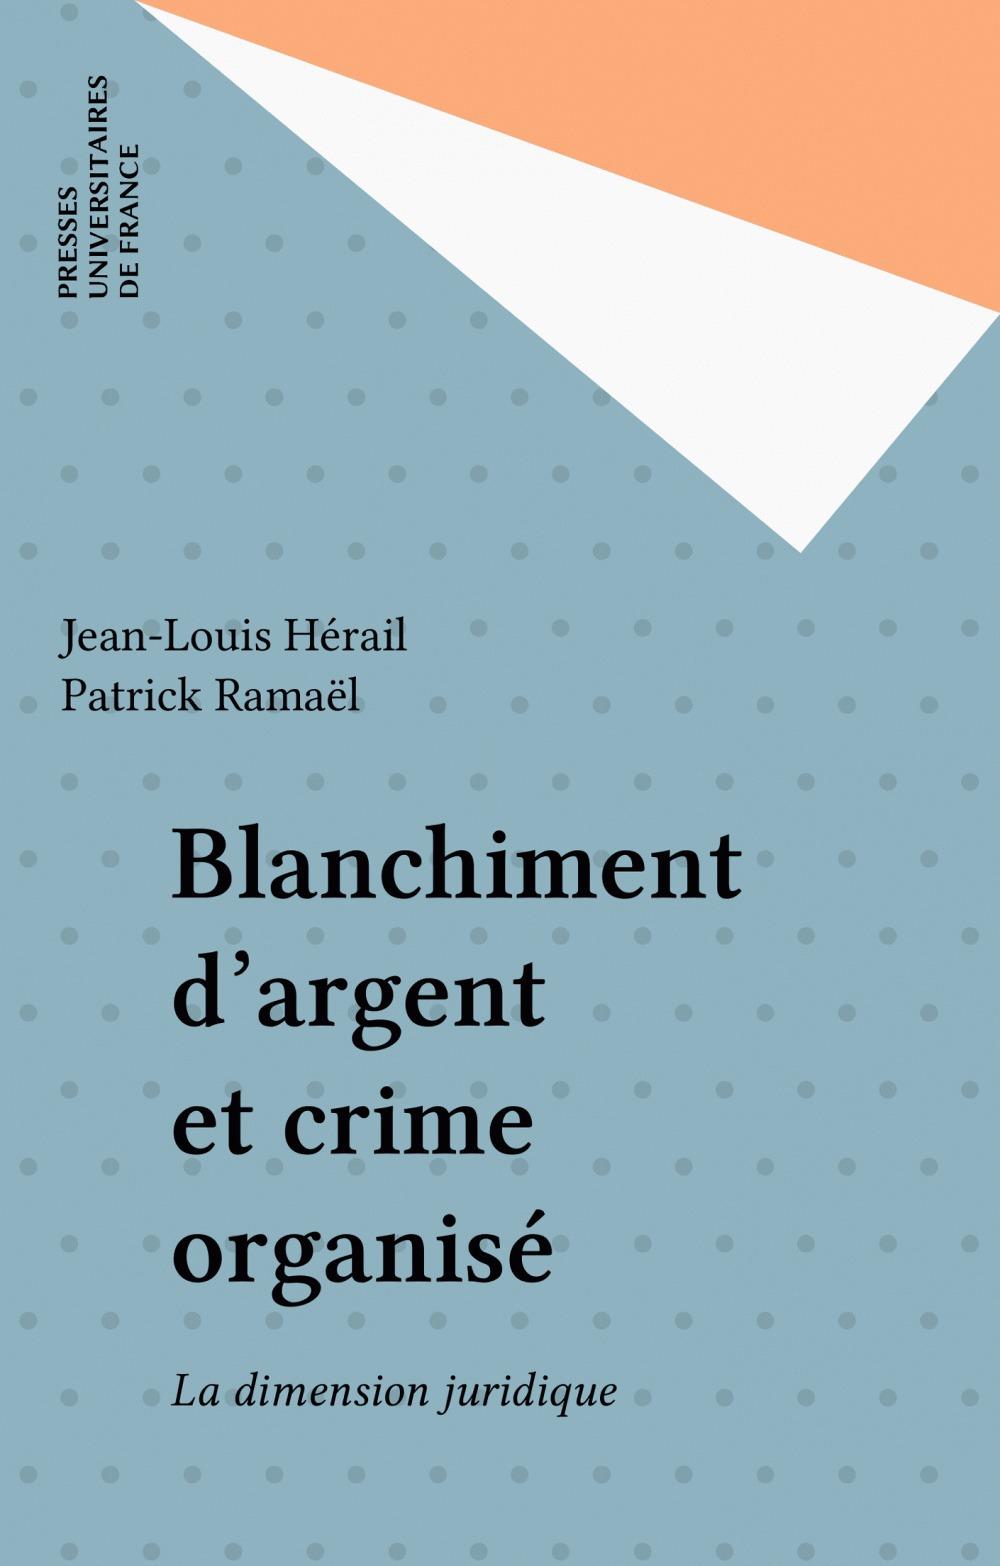 Patrick Ramaël Blanchiment d'argent et crime organisé